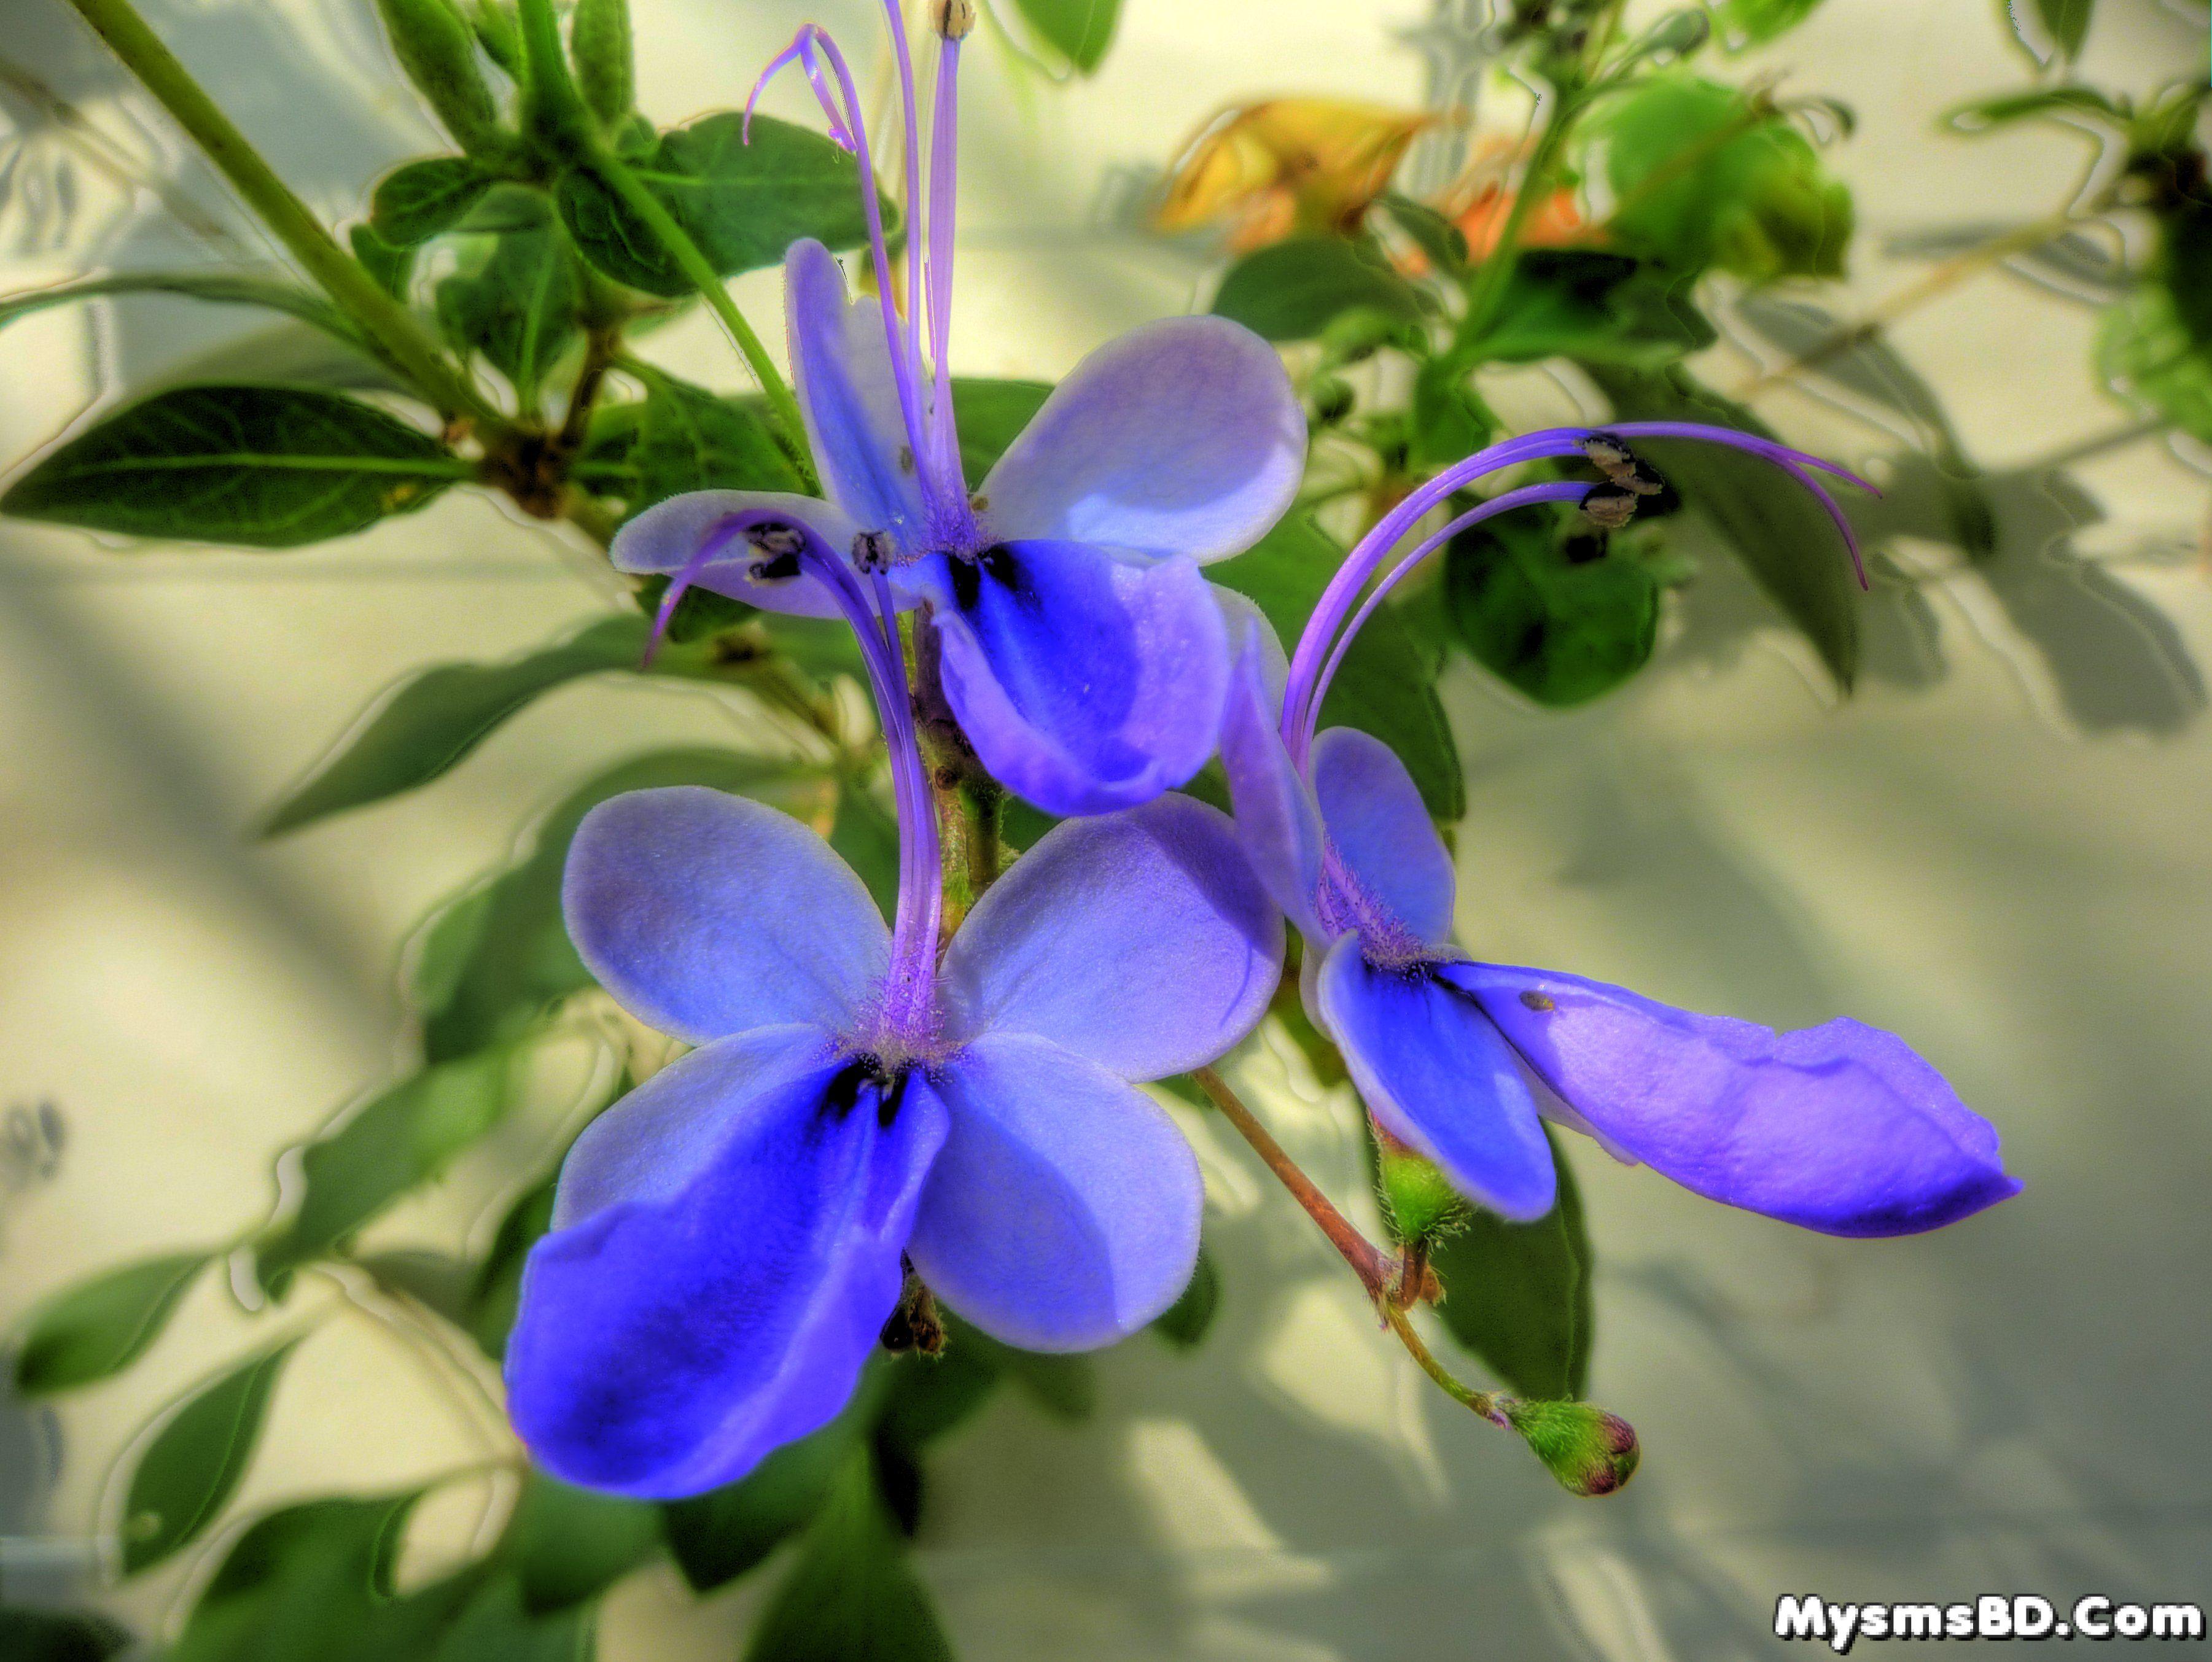 ফুল - নীল প্রজাপতি (Clerodendrum ugandense)